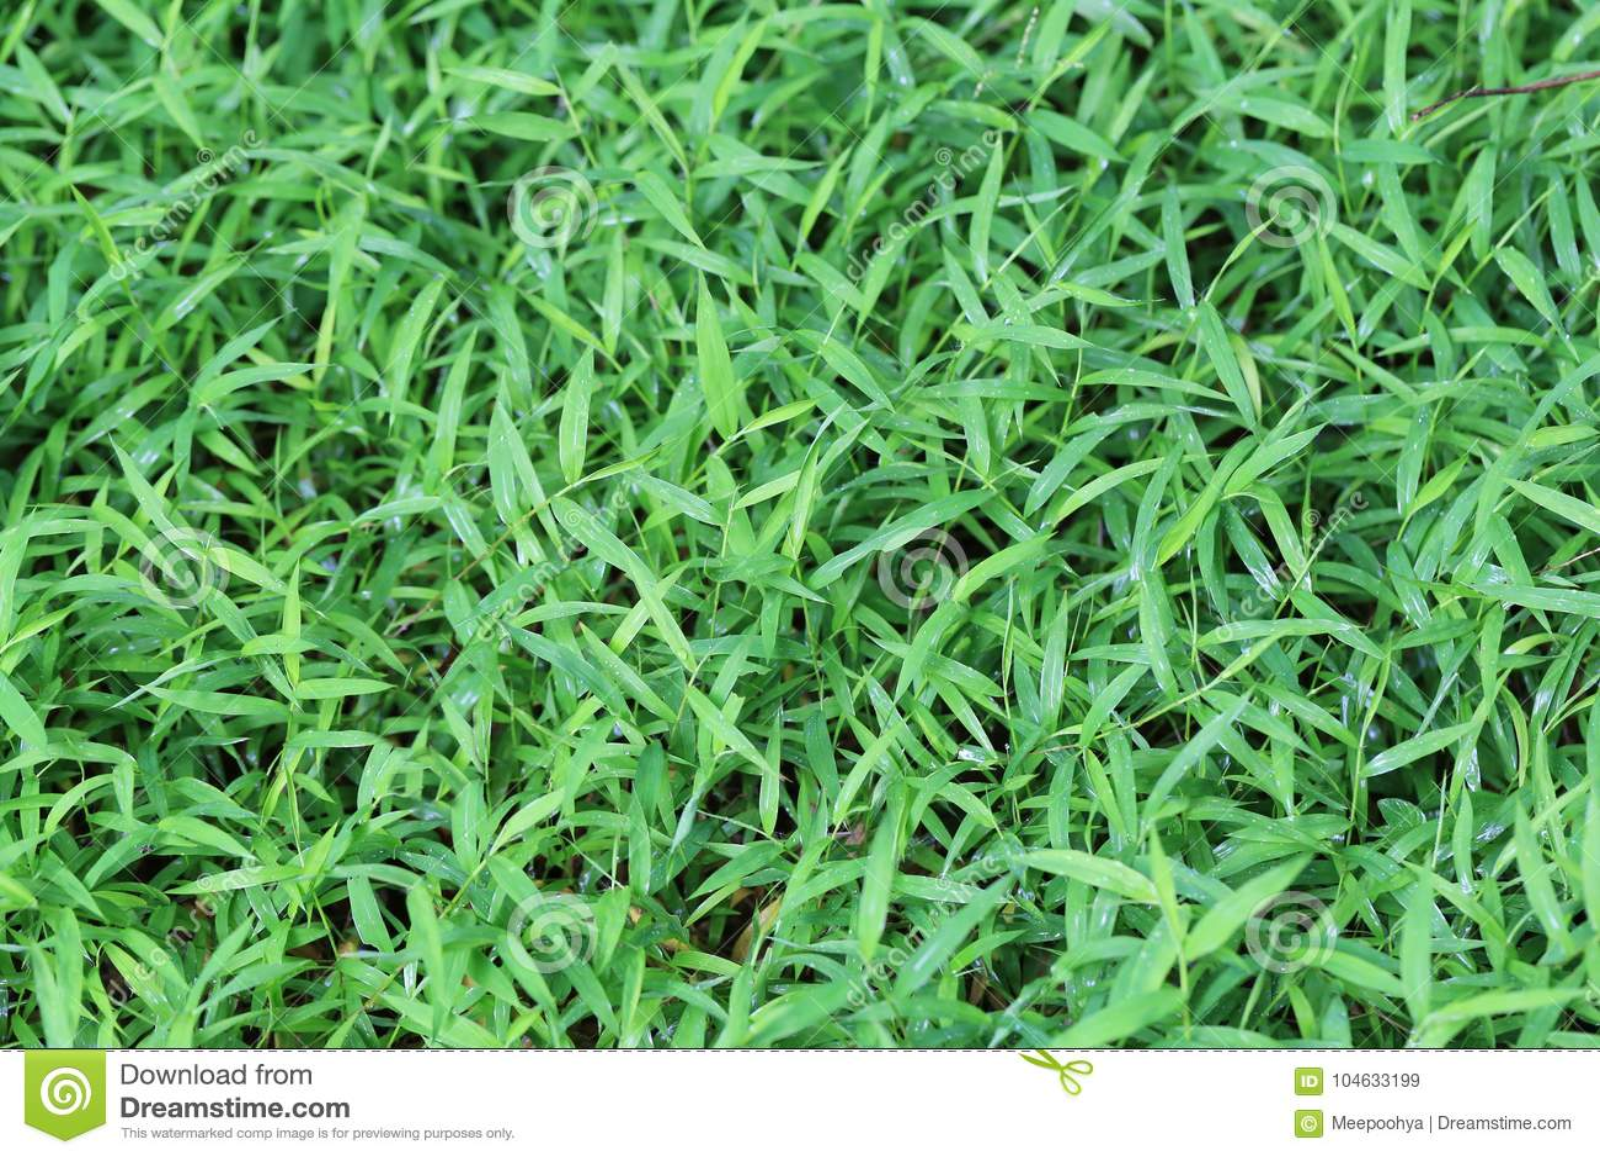 Download Groene grasachtergrond stock afbeelding. Afbeelding bestaande uit landschap - 104633199